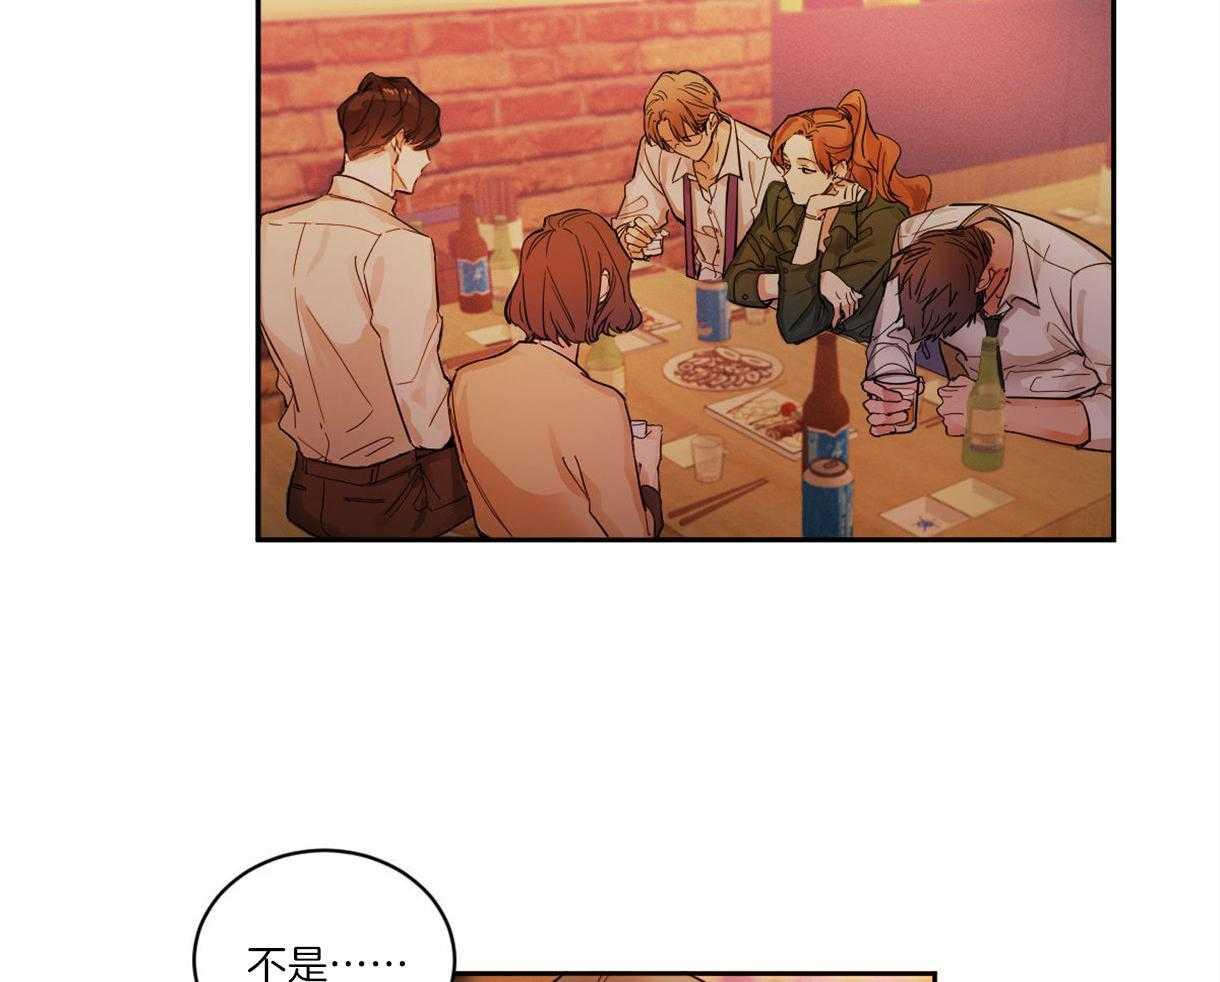 变温禽兽-BL漫画免费在线阅读-最新连载更新至11话-啵乐漫画